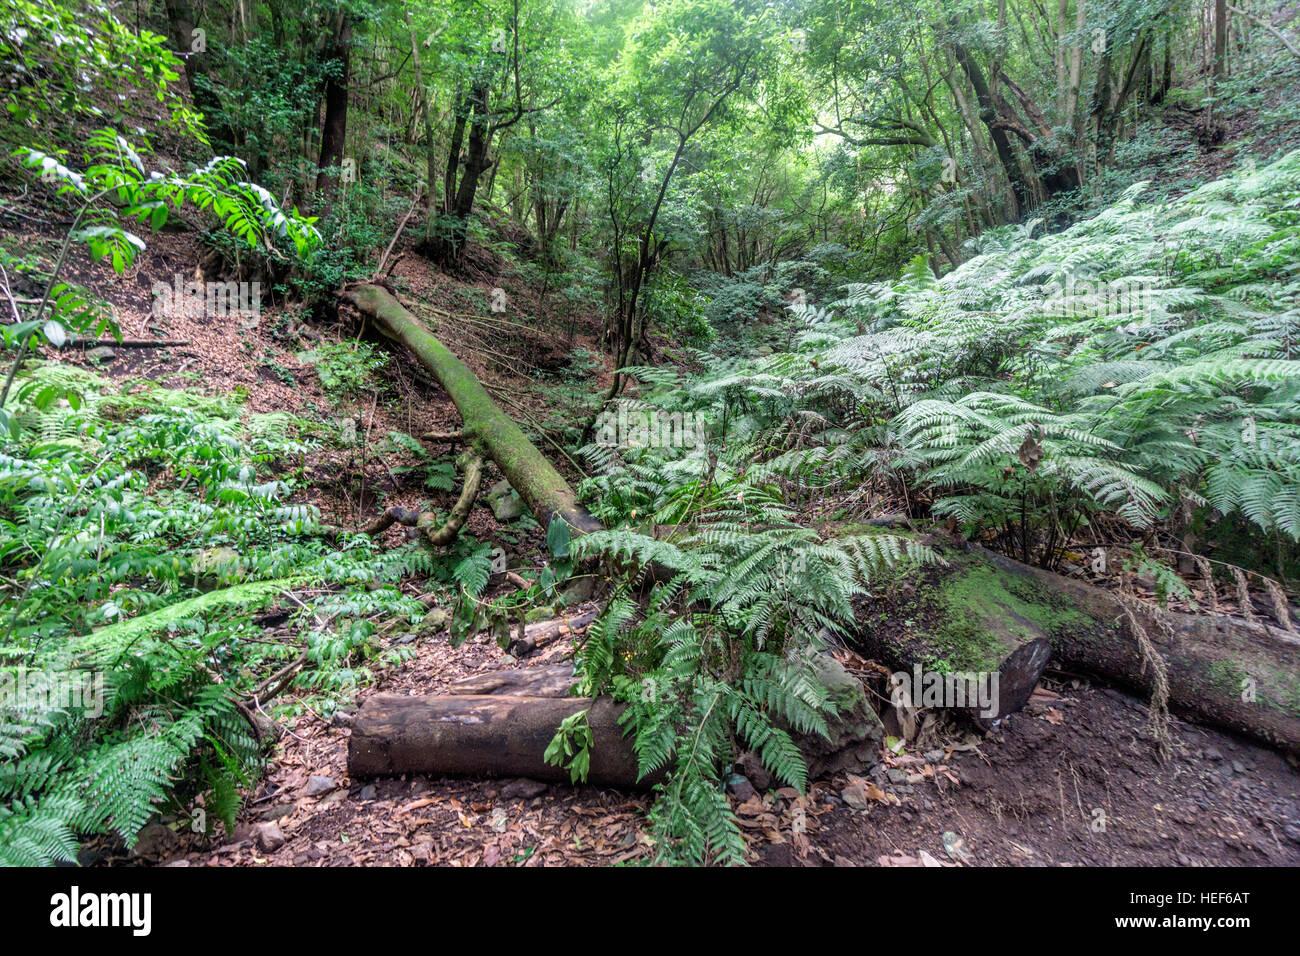 Laurel forest, Los Tilos Biosphere Reserve, La Palma, Canary Islands, Spain - Stock Image